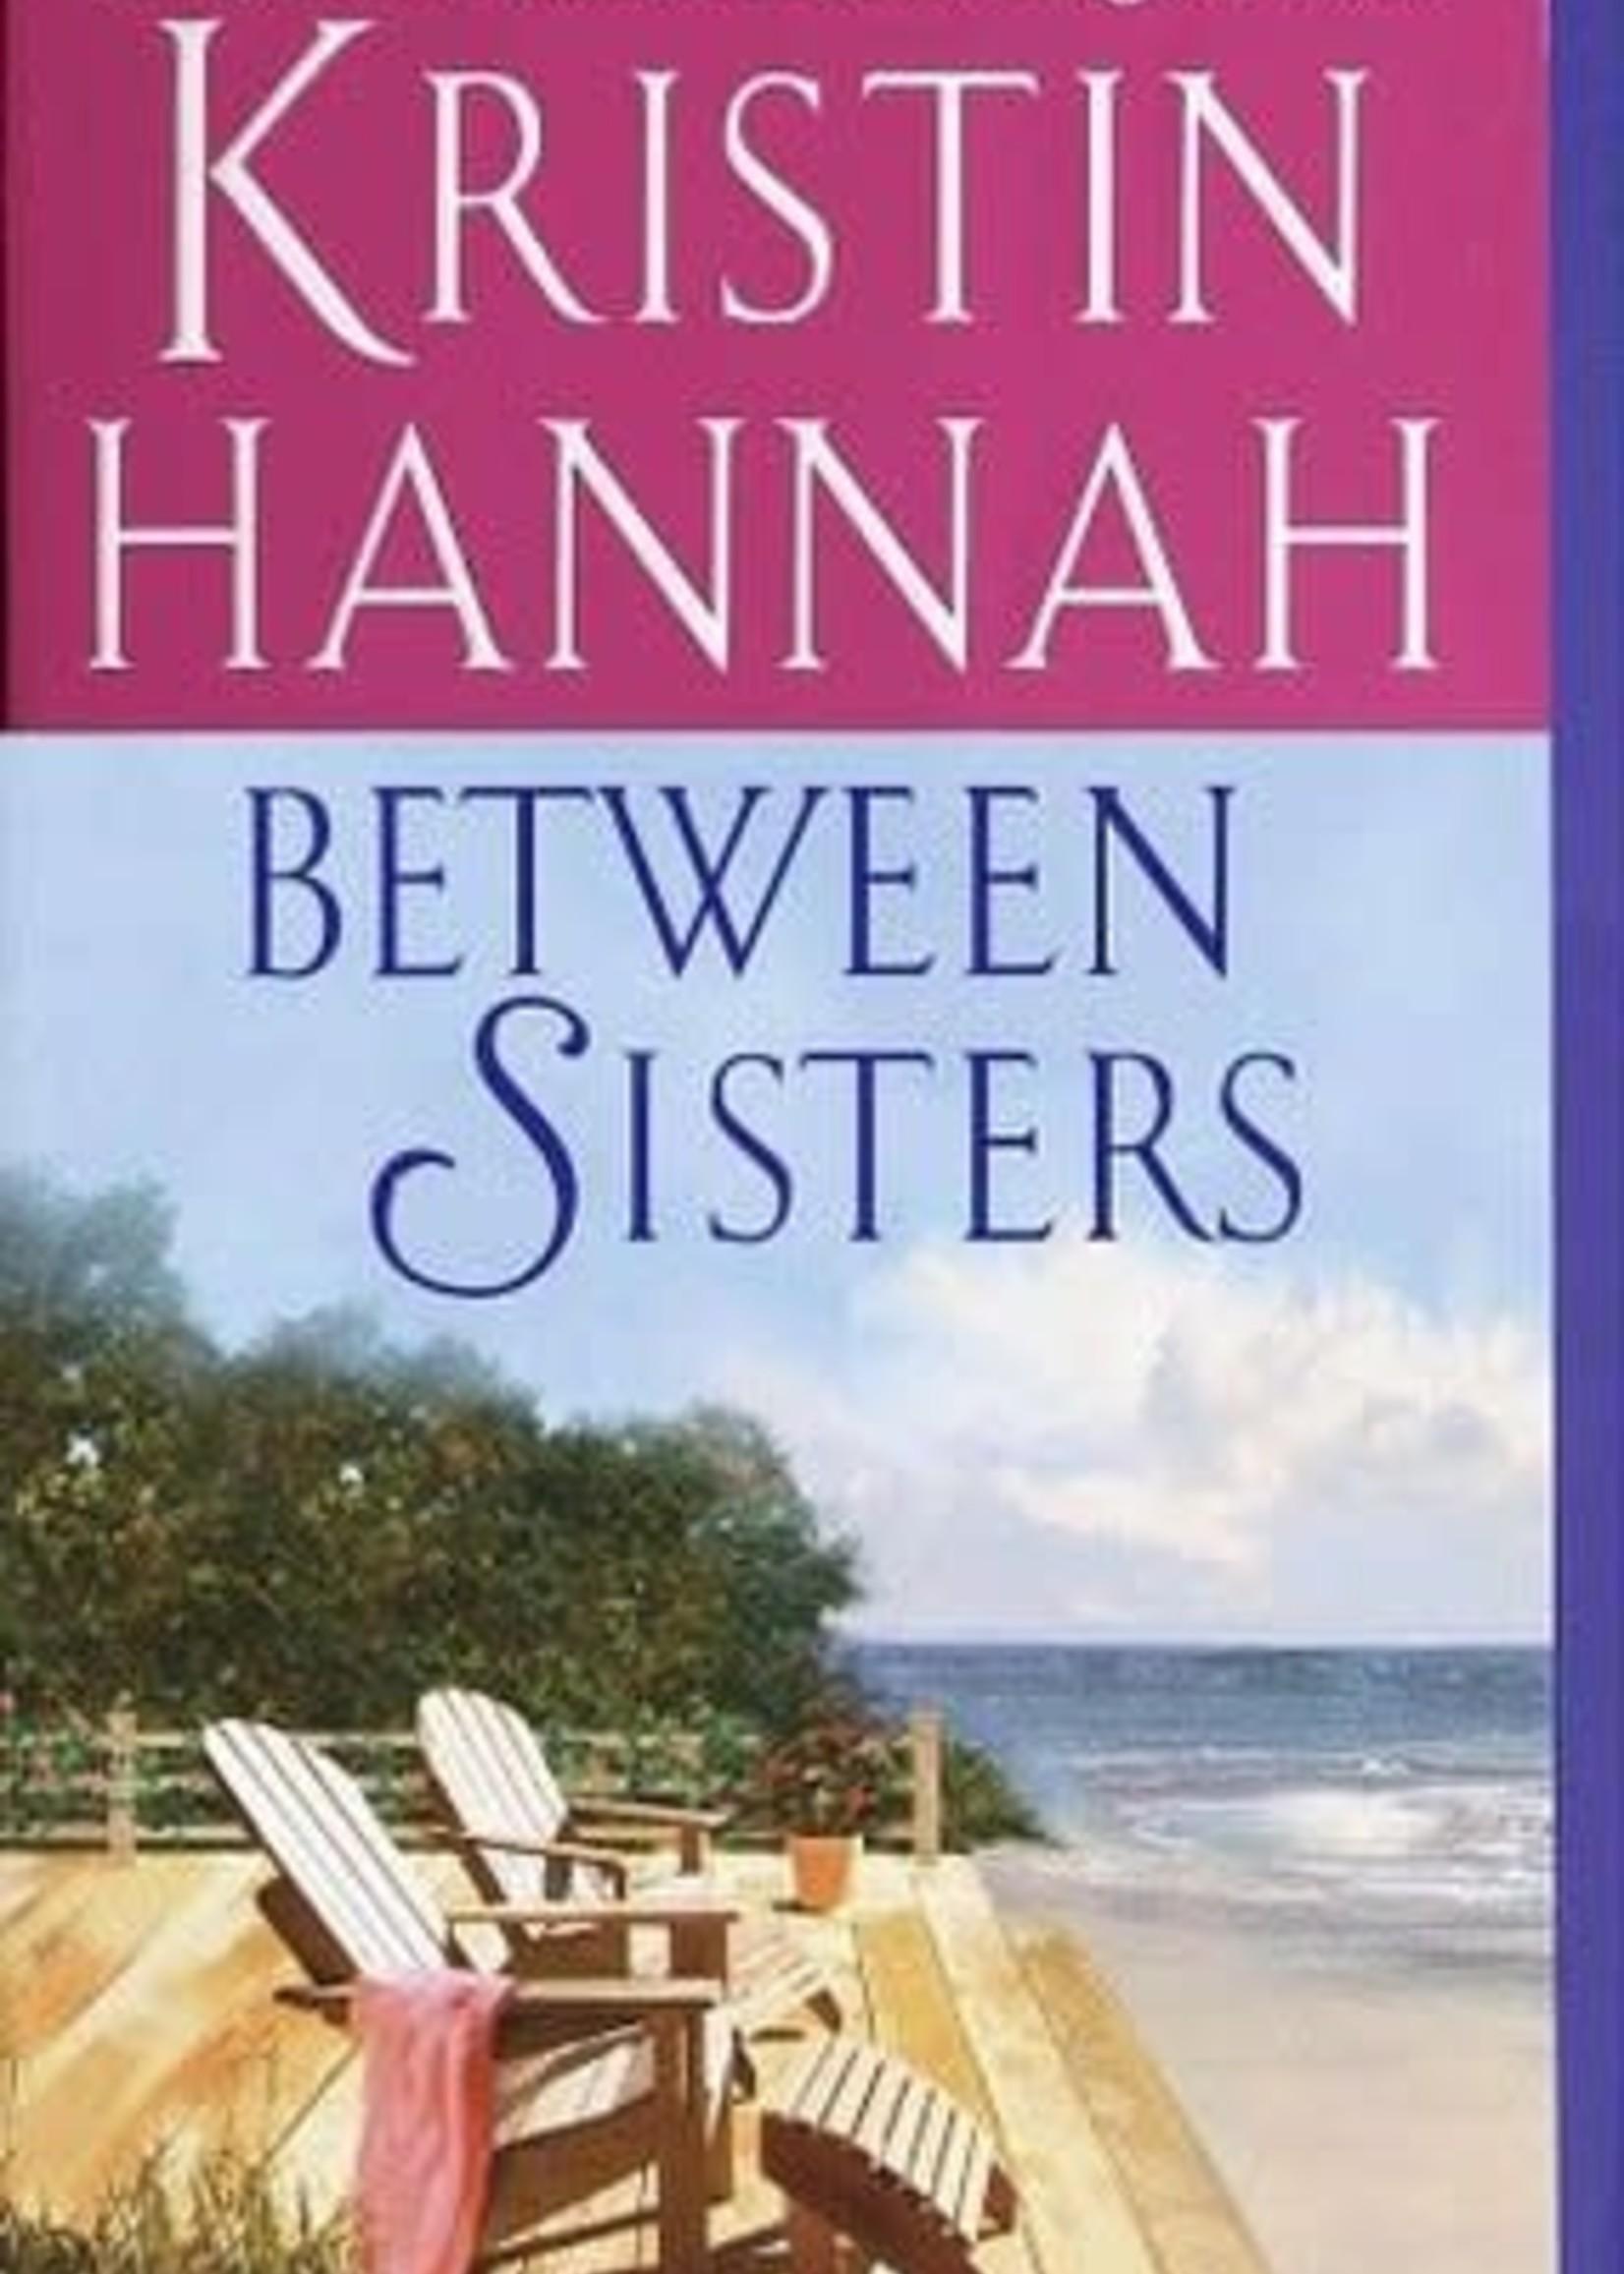 USED - Between Sisters by Kristin Hannah